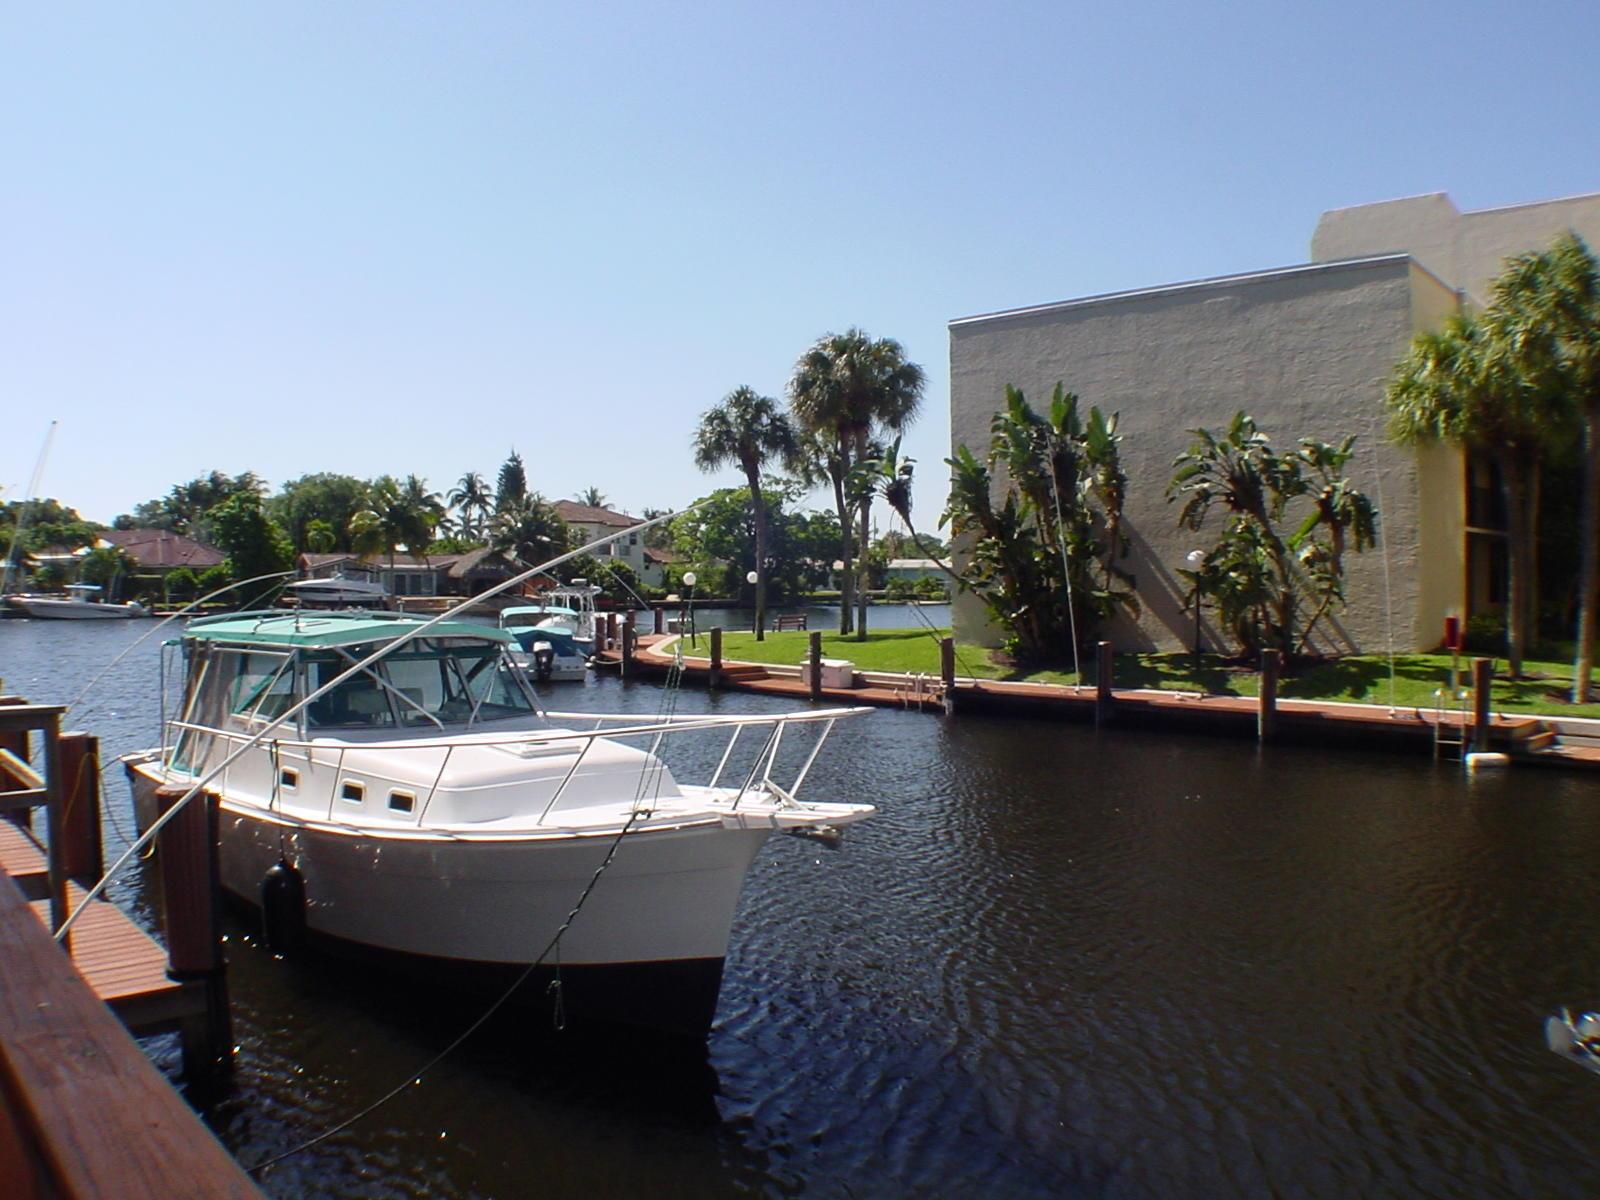 15 Royal Palm Way #206 Boca Raton, FL 33432